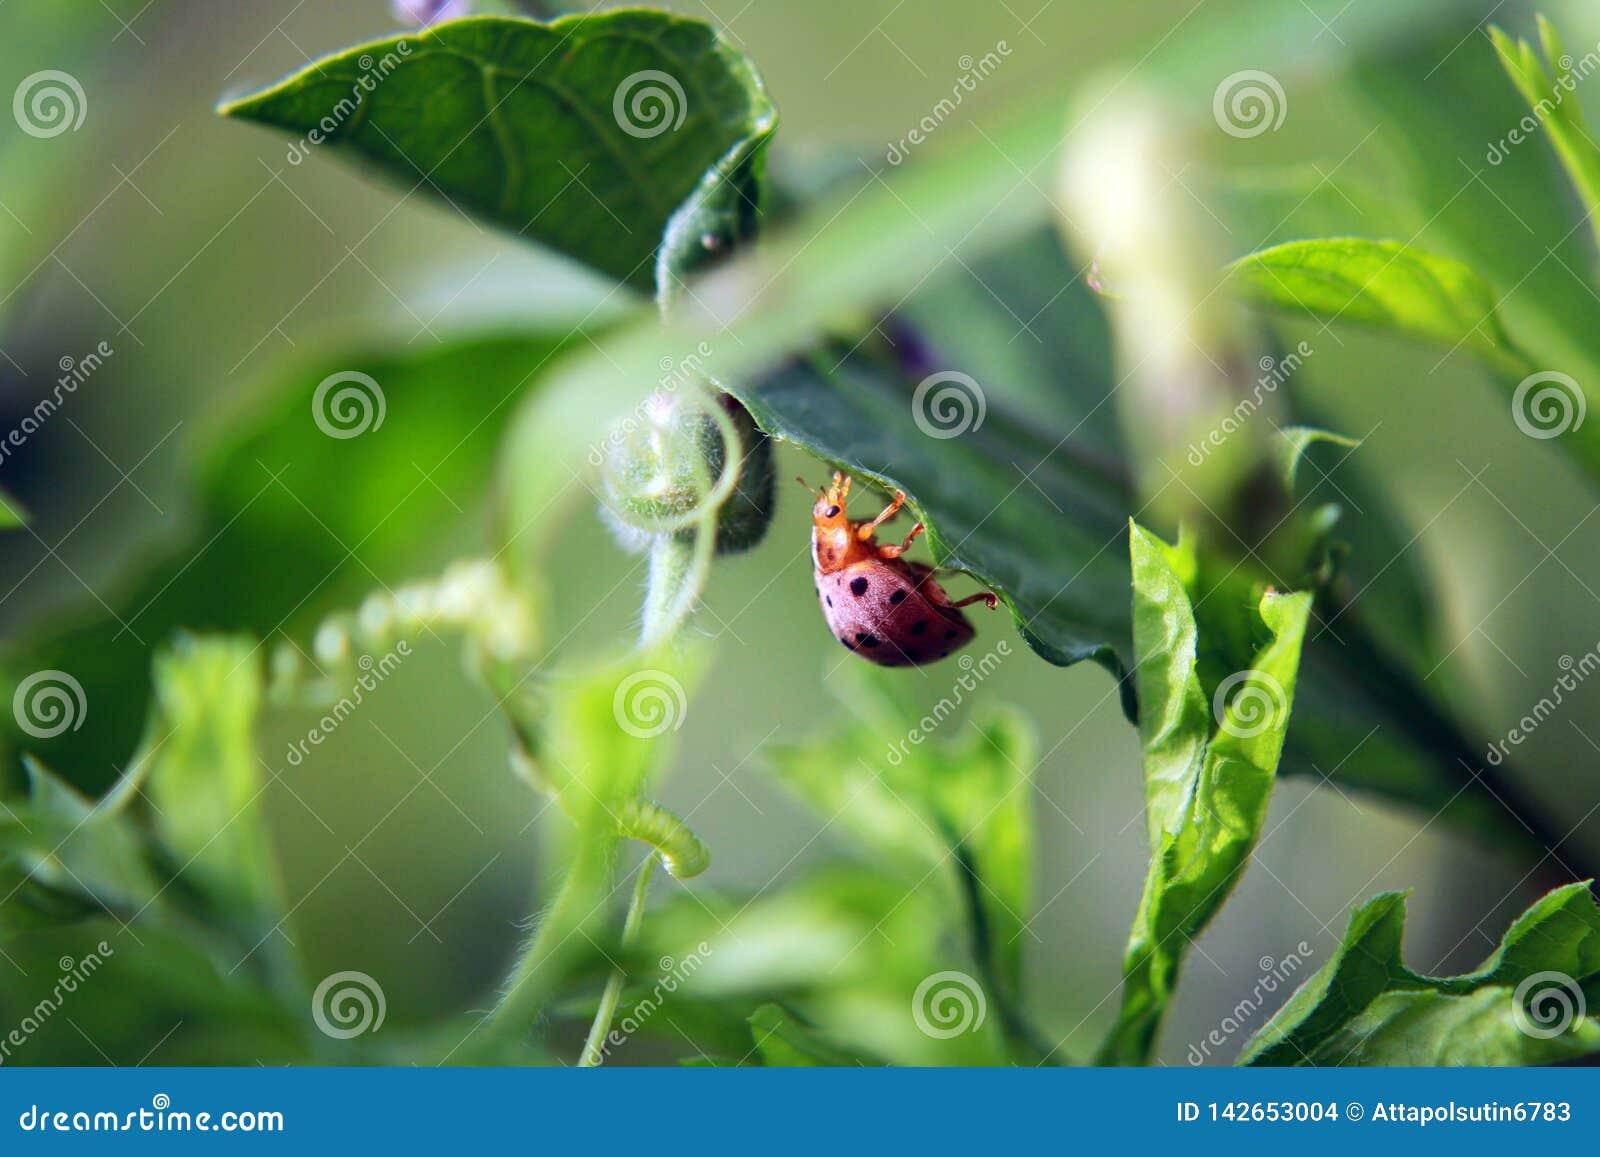 Folha do verde do joaninha em um dia ensolarado